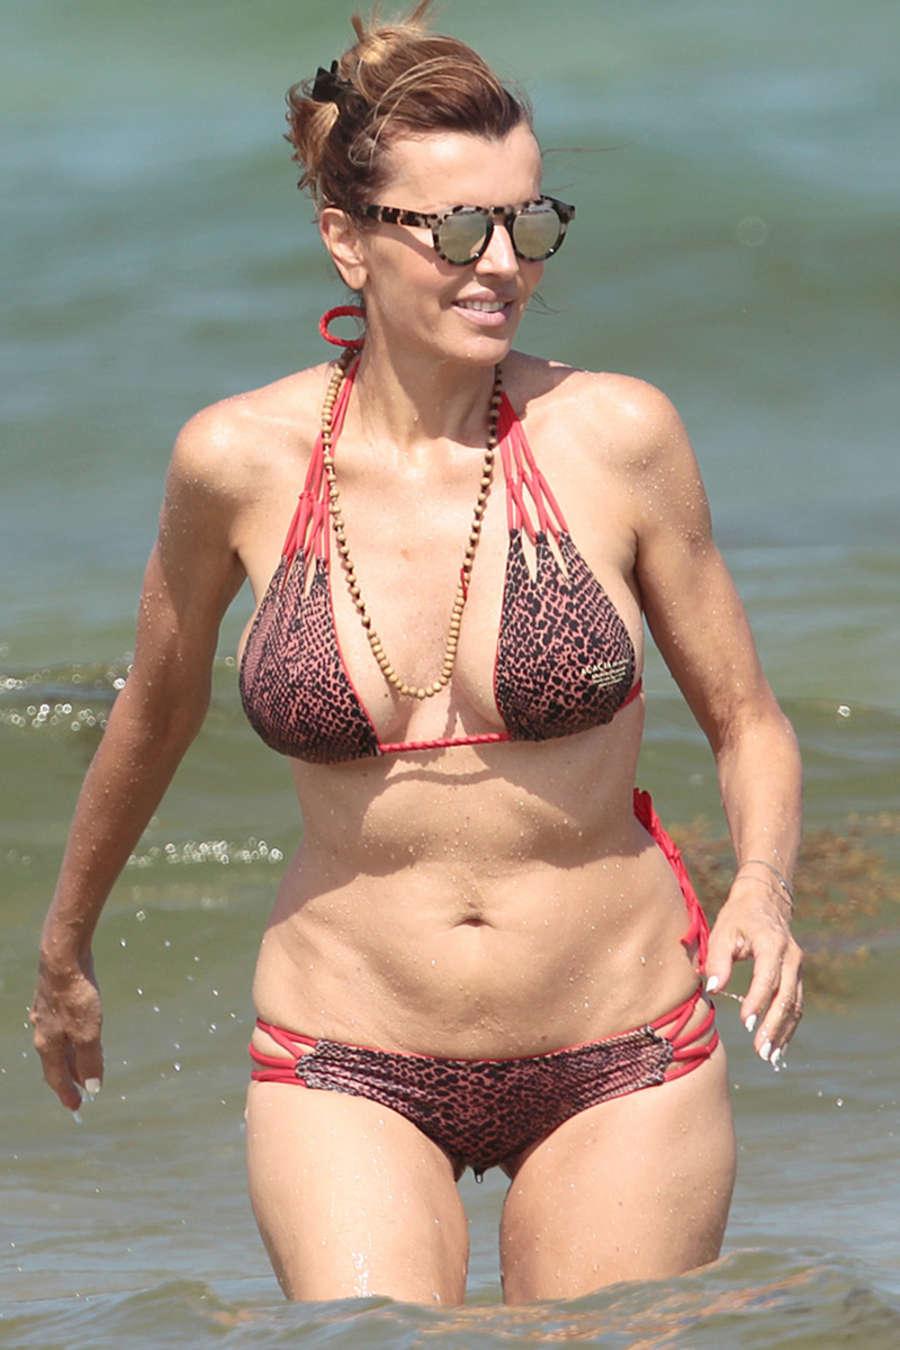 Rita Rusic In Bikini 04 Gotceleb